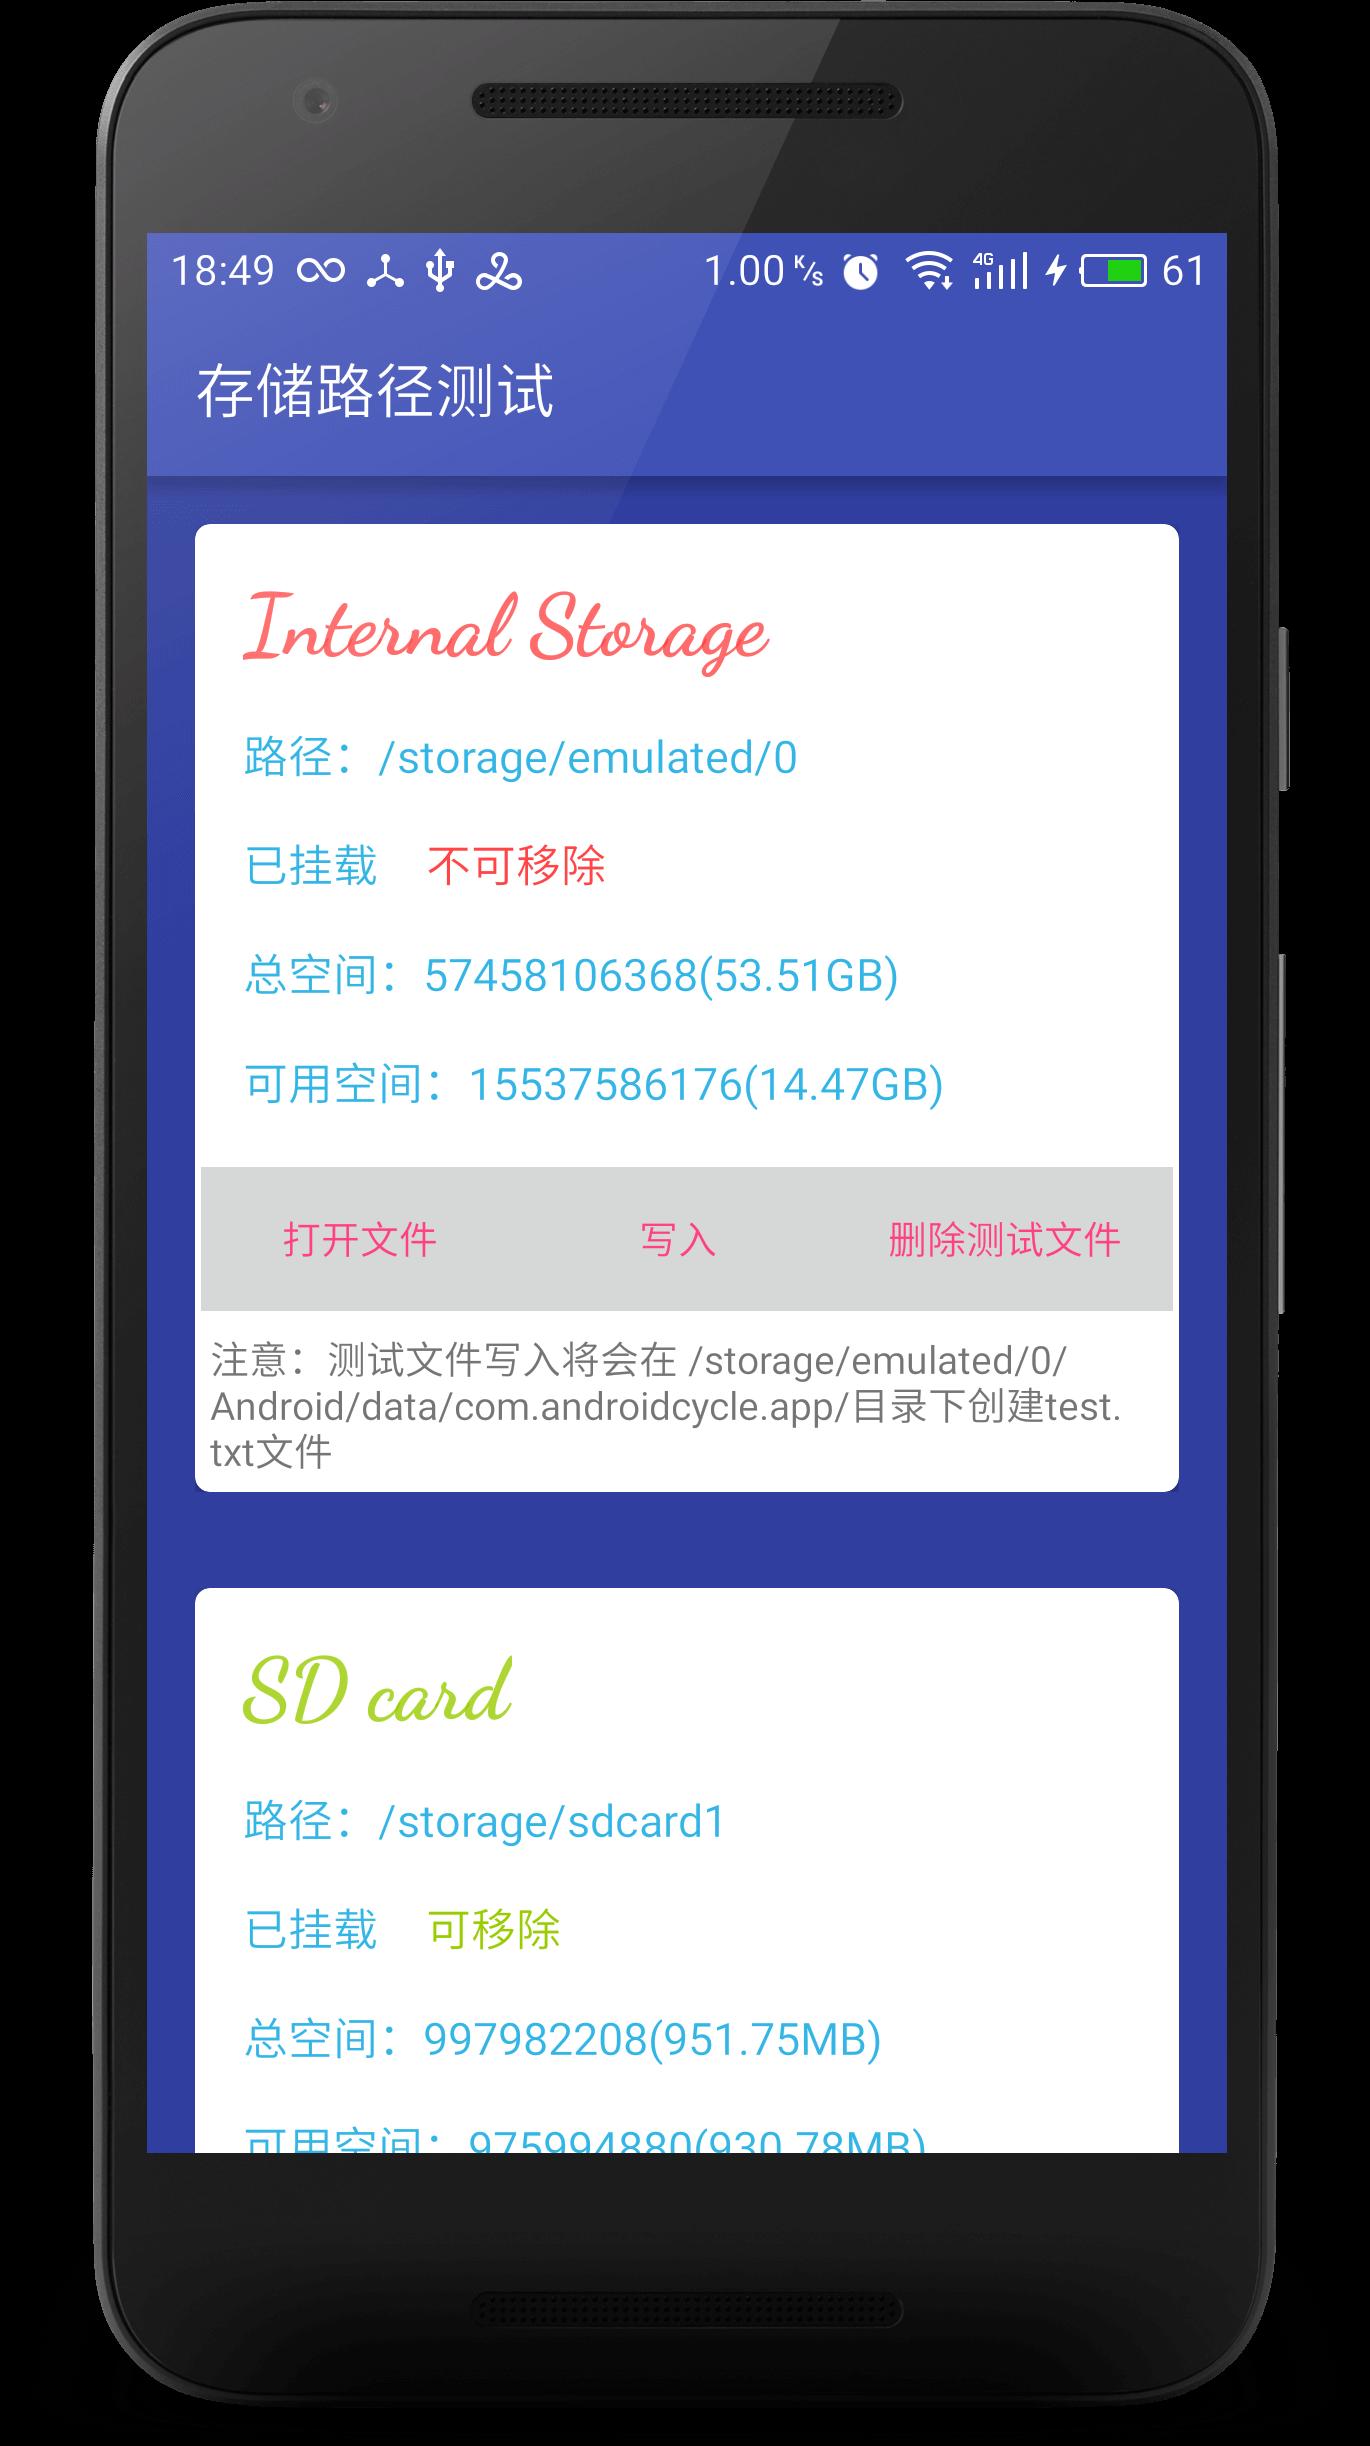 内置存储信息